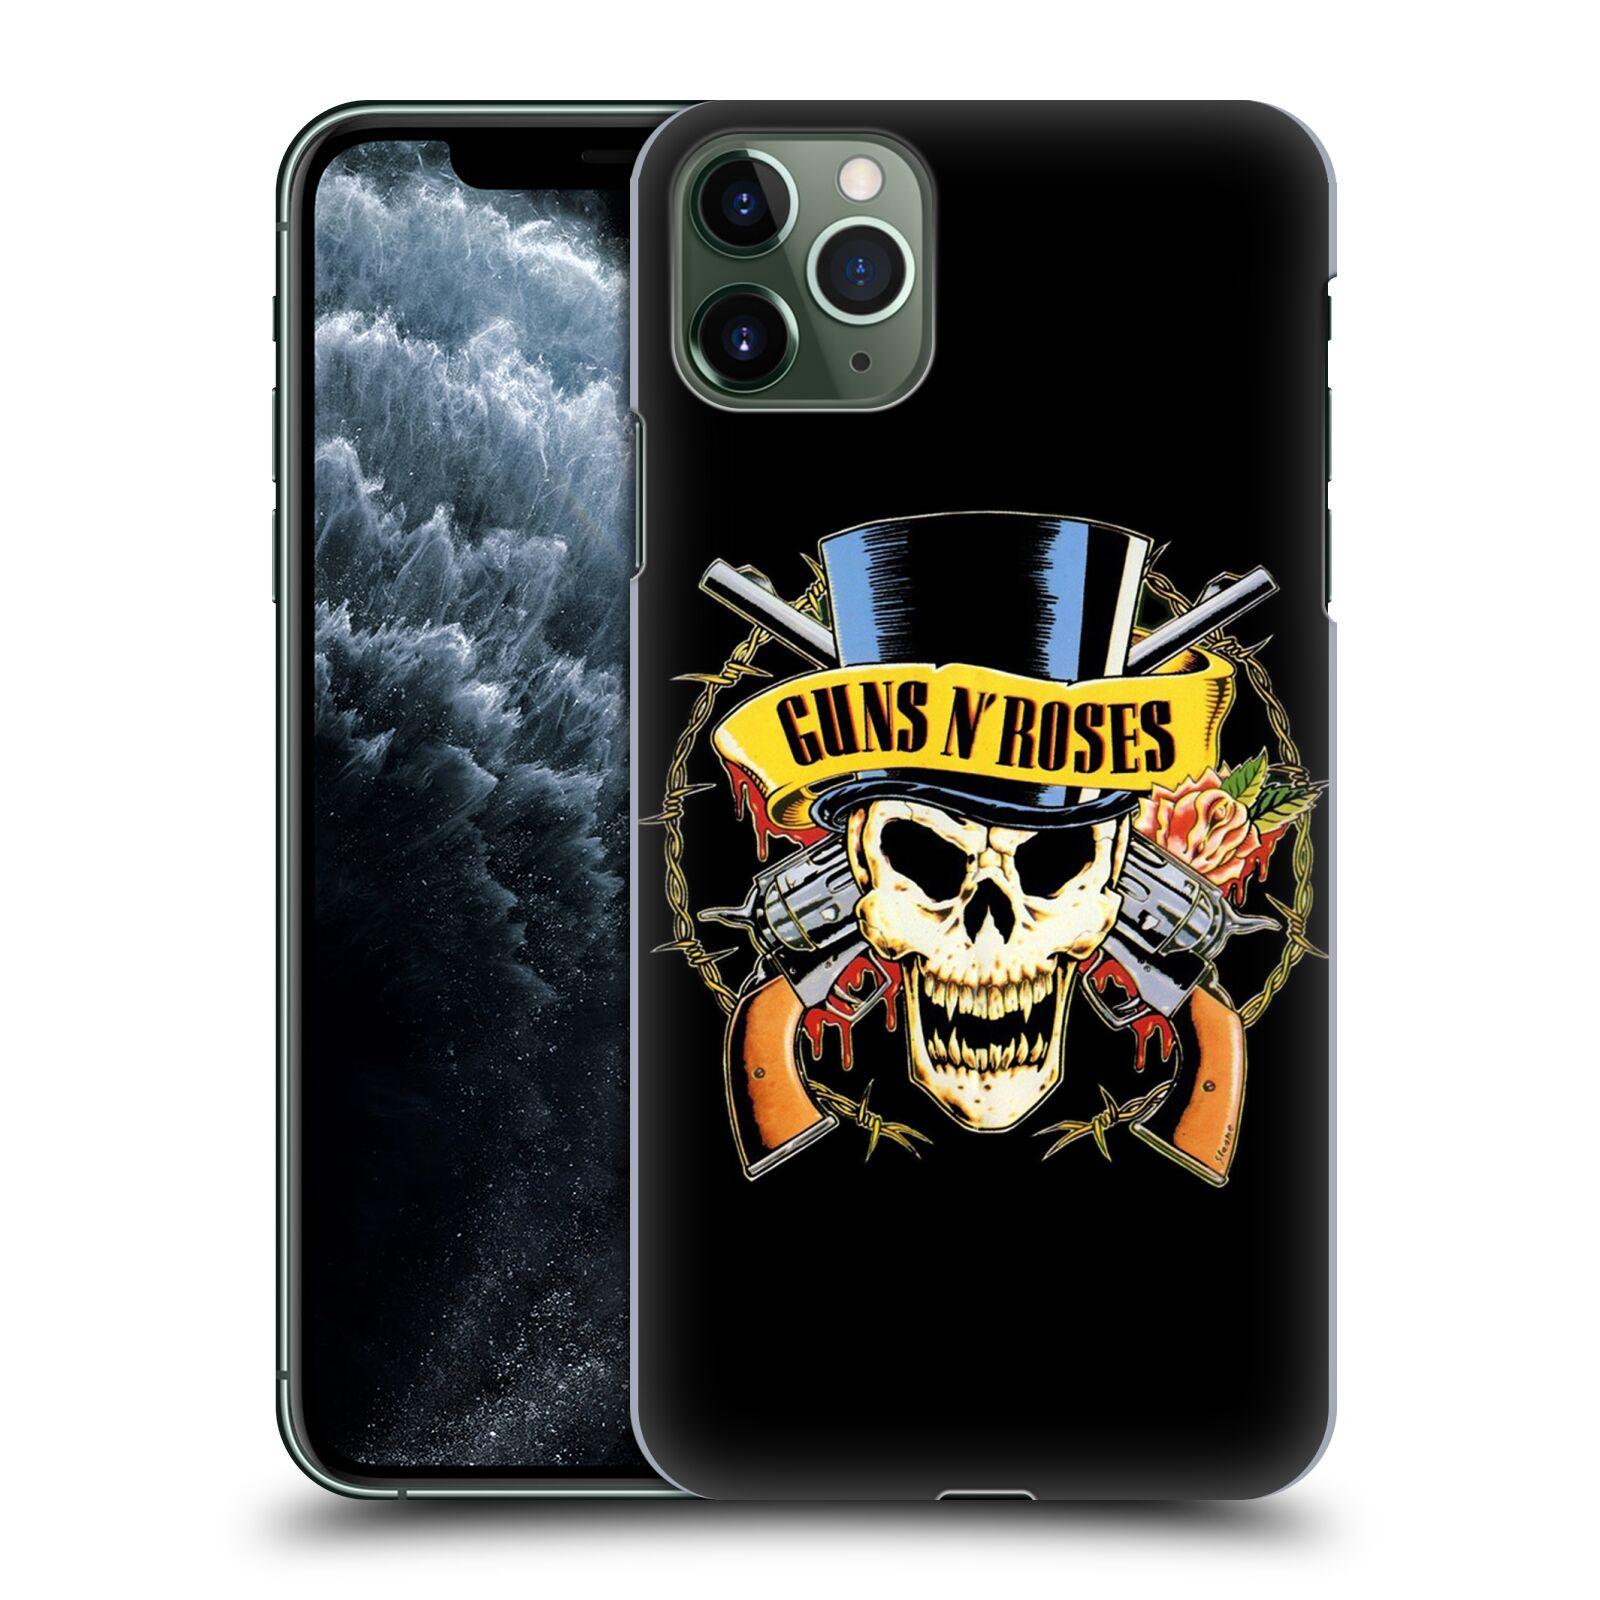 Plastové pouzdro na mobil Apple iPhone 11 Pro Max - Head Case - Guns N' Roses - Lebka